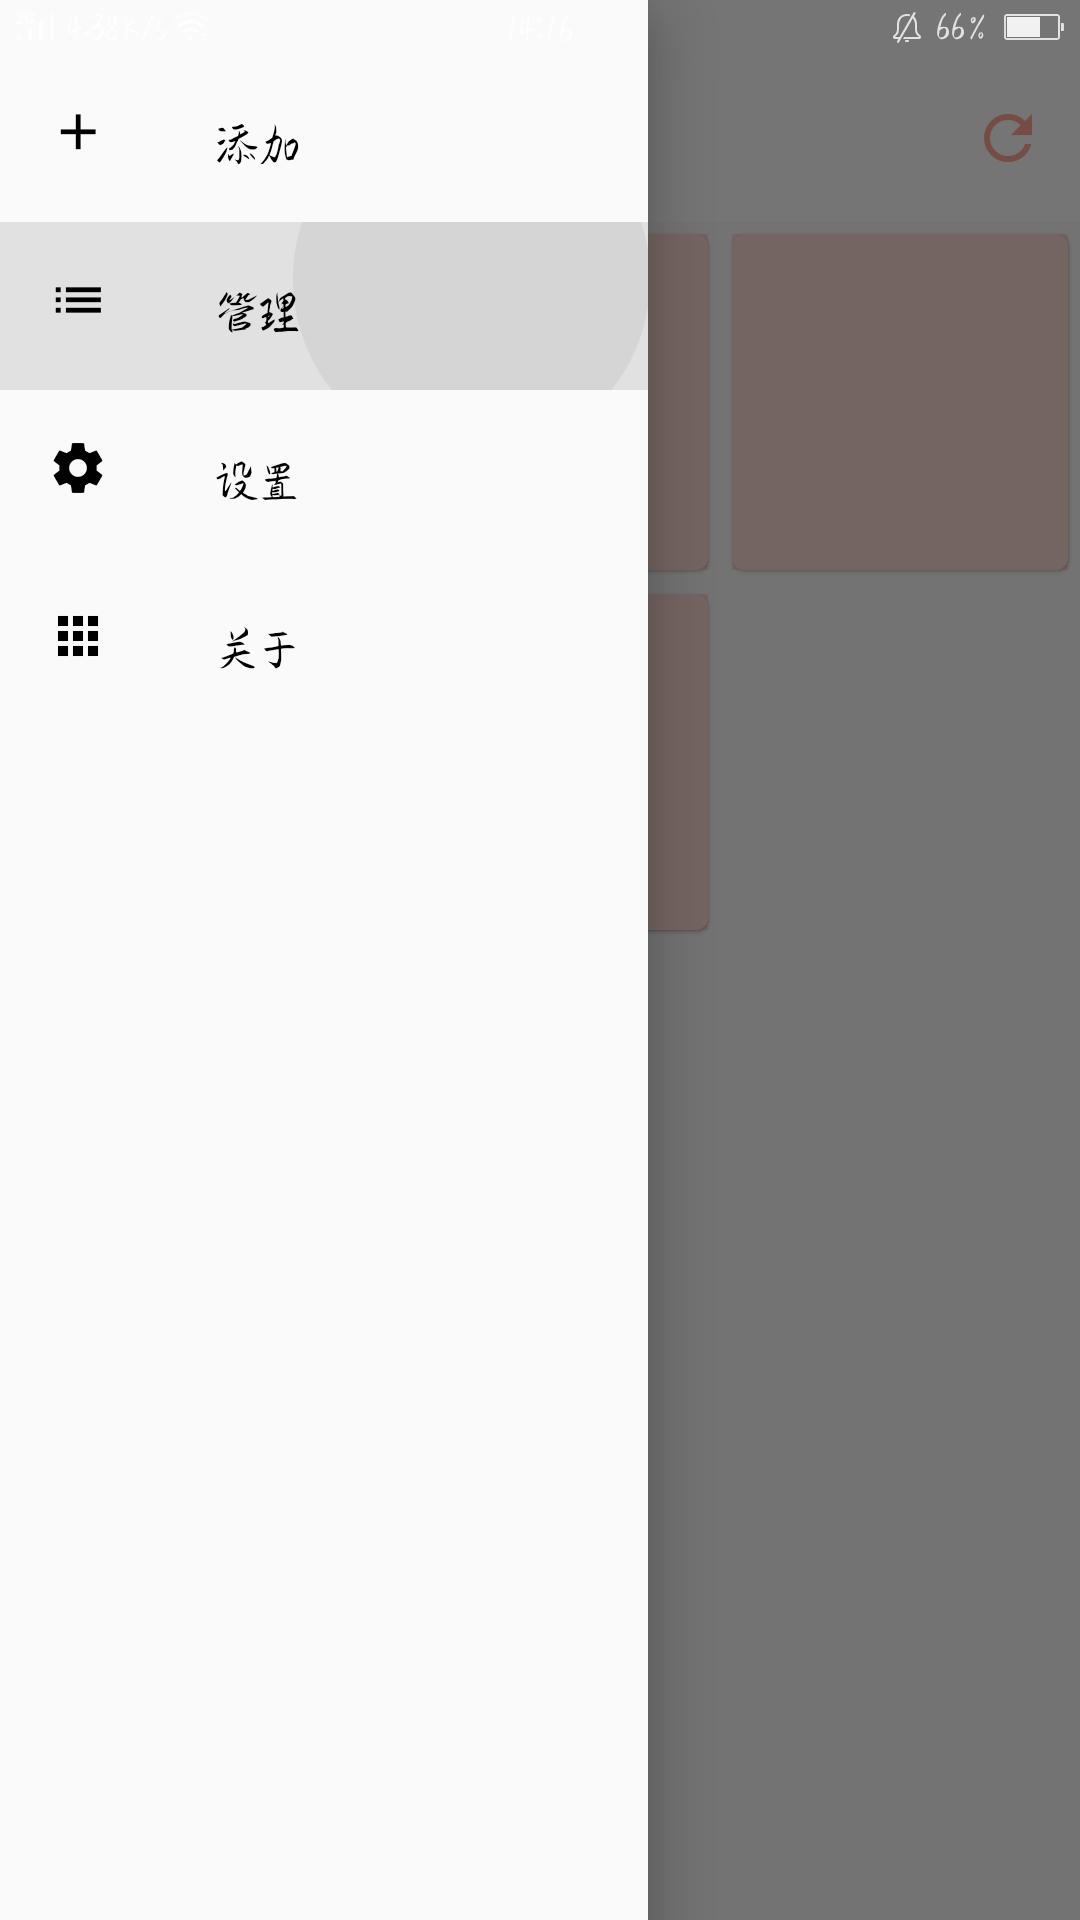 命运官方客户端下载 v1.0.0截图